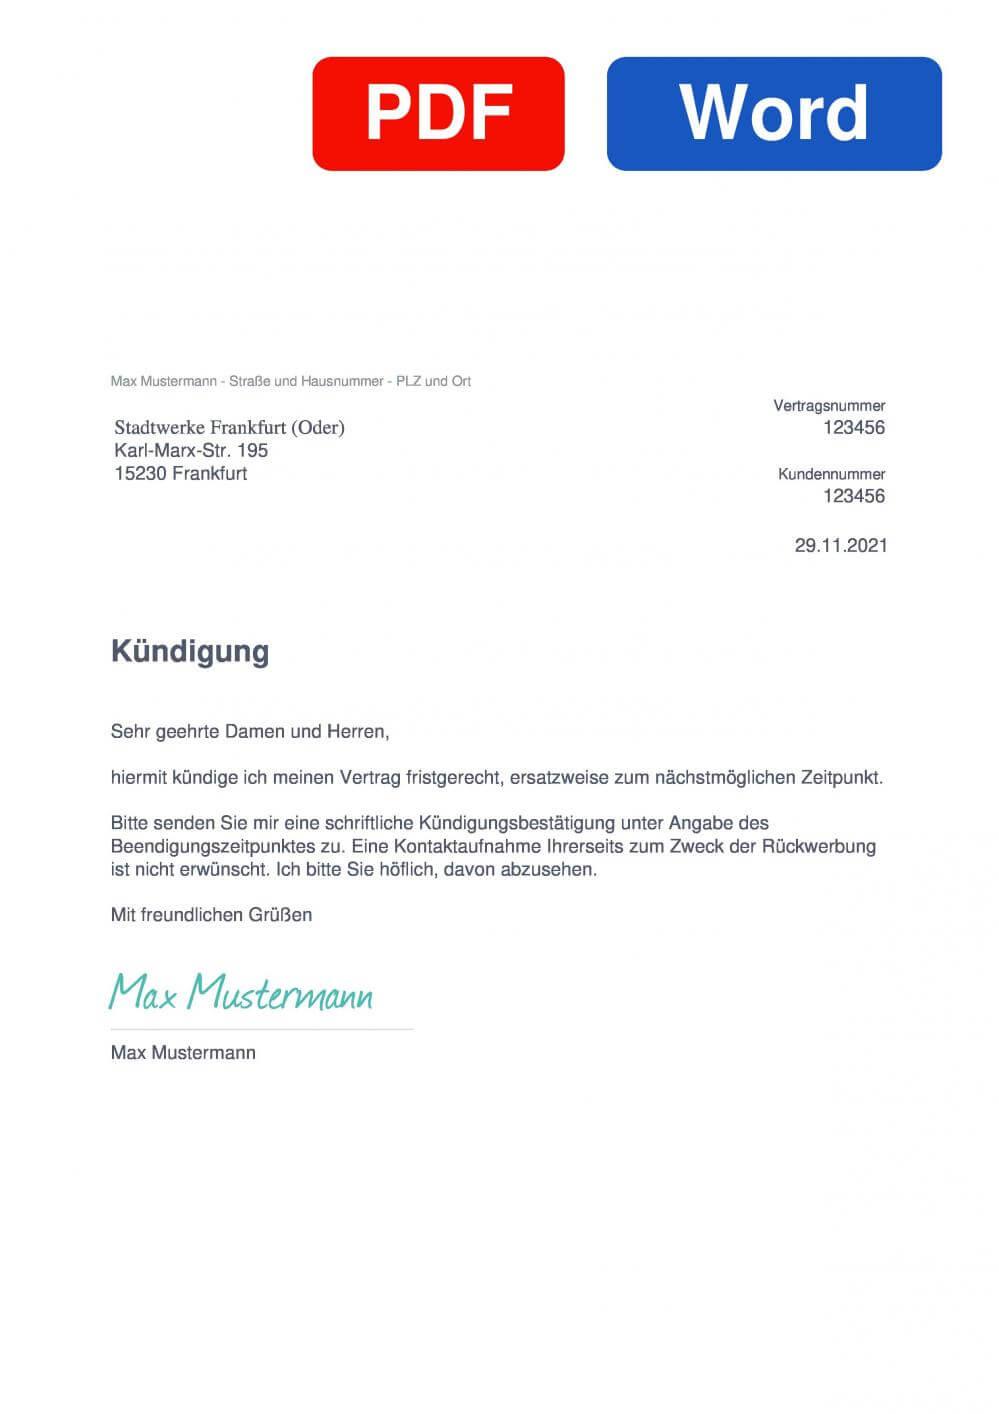 Stadtwerke Ffo Muster Vorlage für Kündigungsschreiben